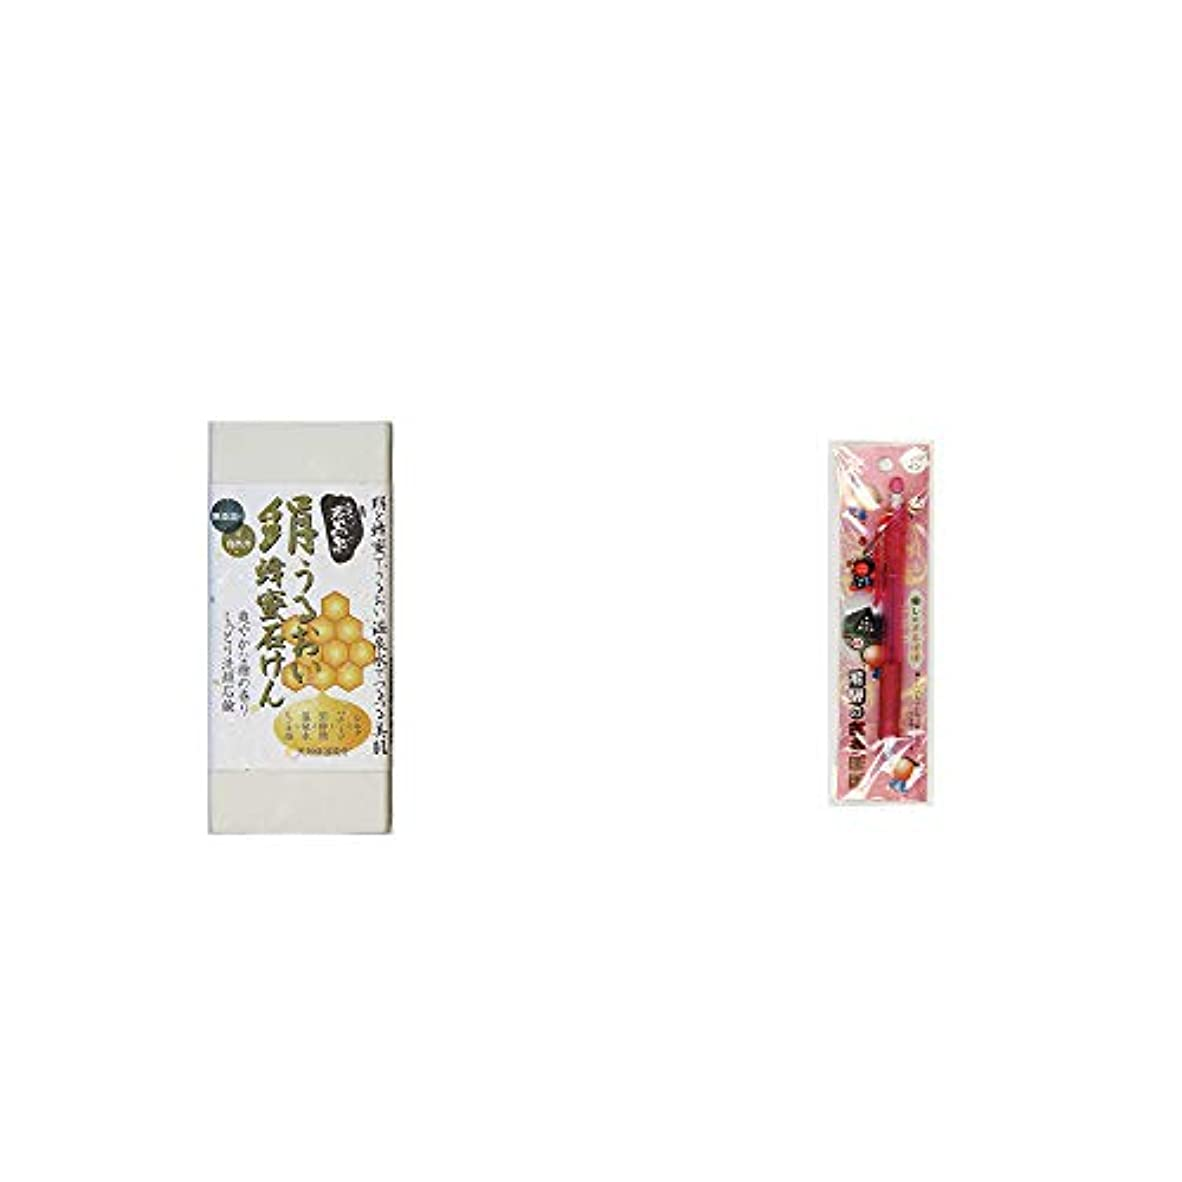 バリーバン枯渇[2点セット] ひのき炭黒泉 絹うるおい蜂蜜石けん(75g×2)?さるぼぼ 癒しシャープペン 【ピンク】